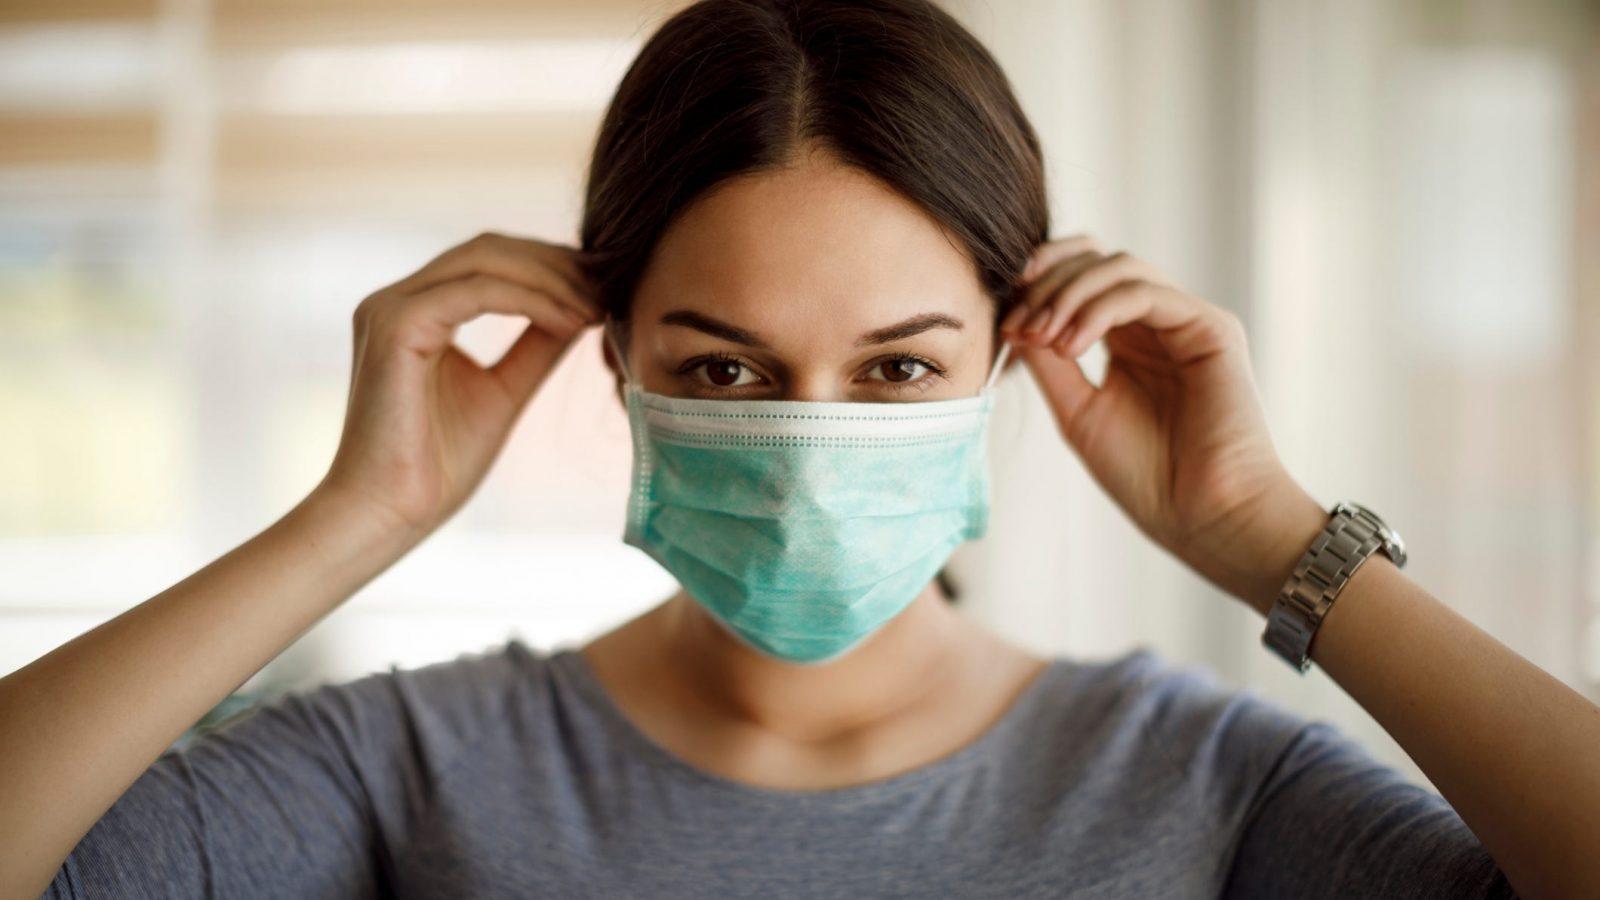 Эпидемиолог рассказала, когда в России снизится количество зараженных COVID-19